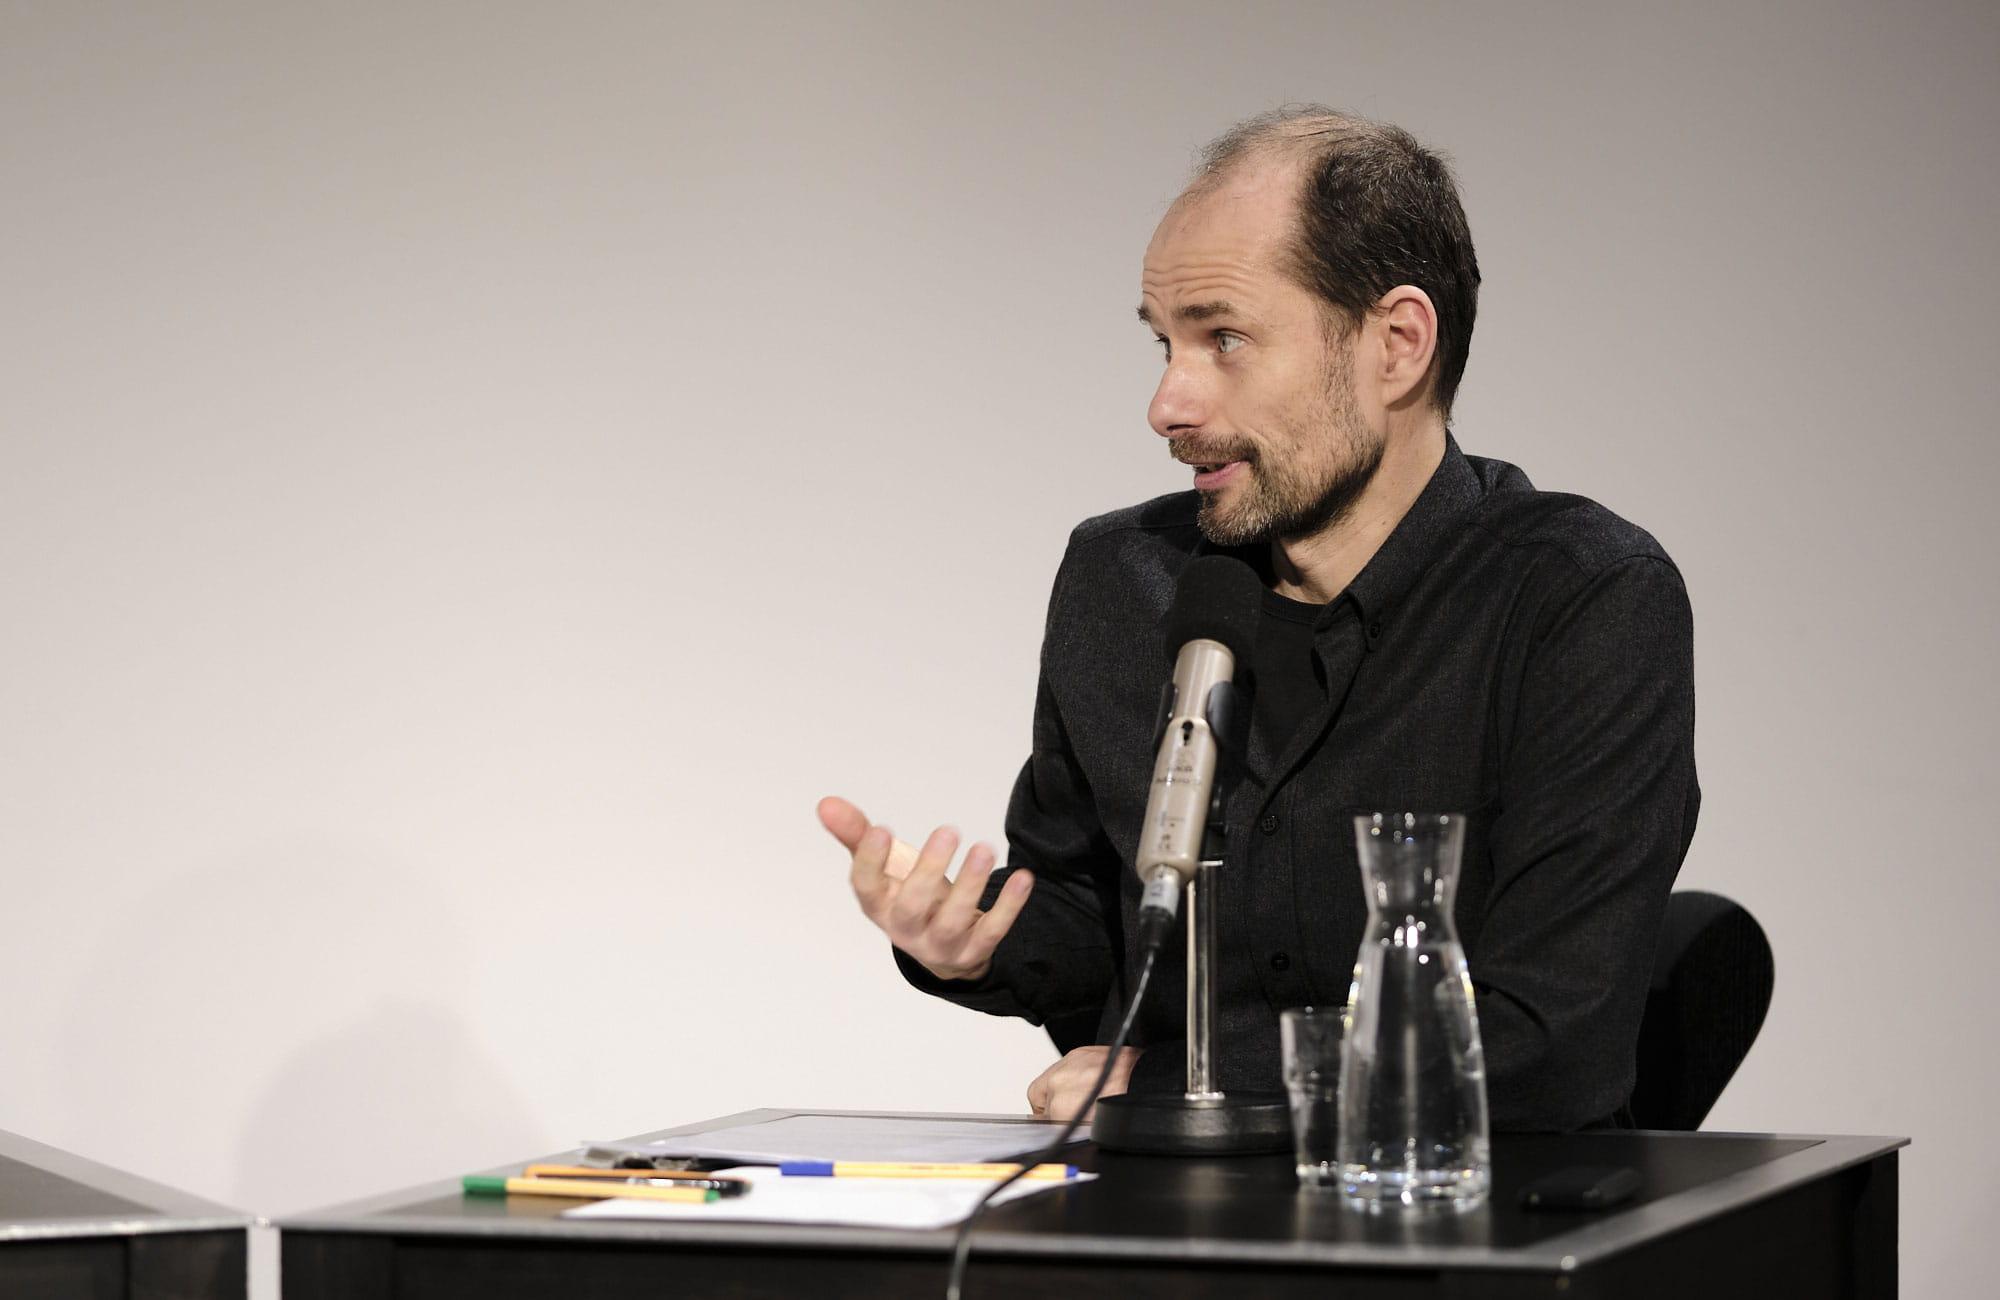 Swetlana Alexijewitsch, Sergej Newski: Der Ton der Erinnerung,                                                               Dienstag, 04.02.20               /                   19.30              Uhr                               <br/>(c) Sebastian Wenzel